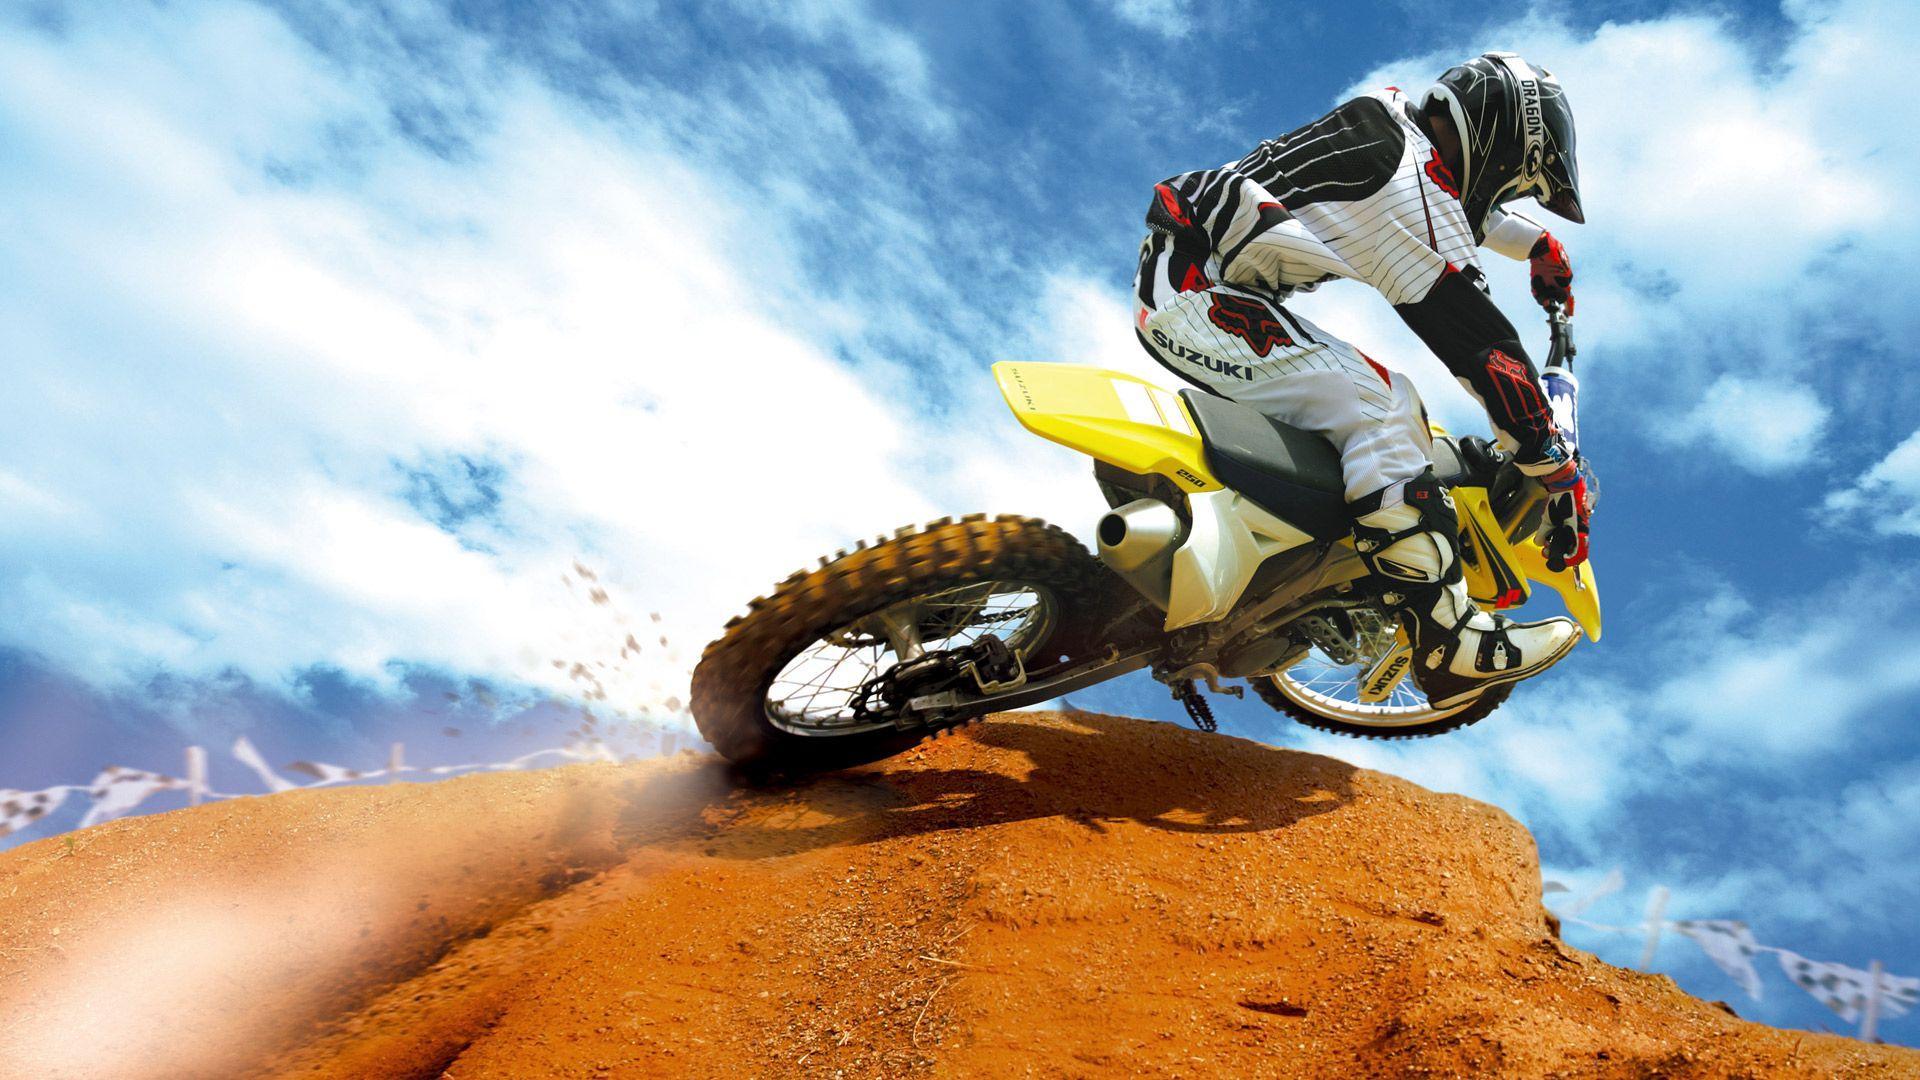 cool dirt bike wallpapers